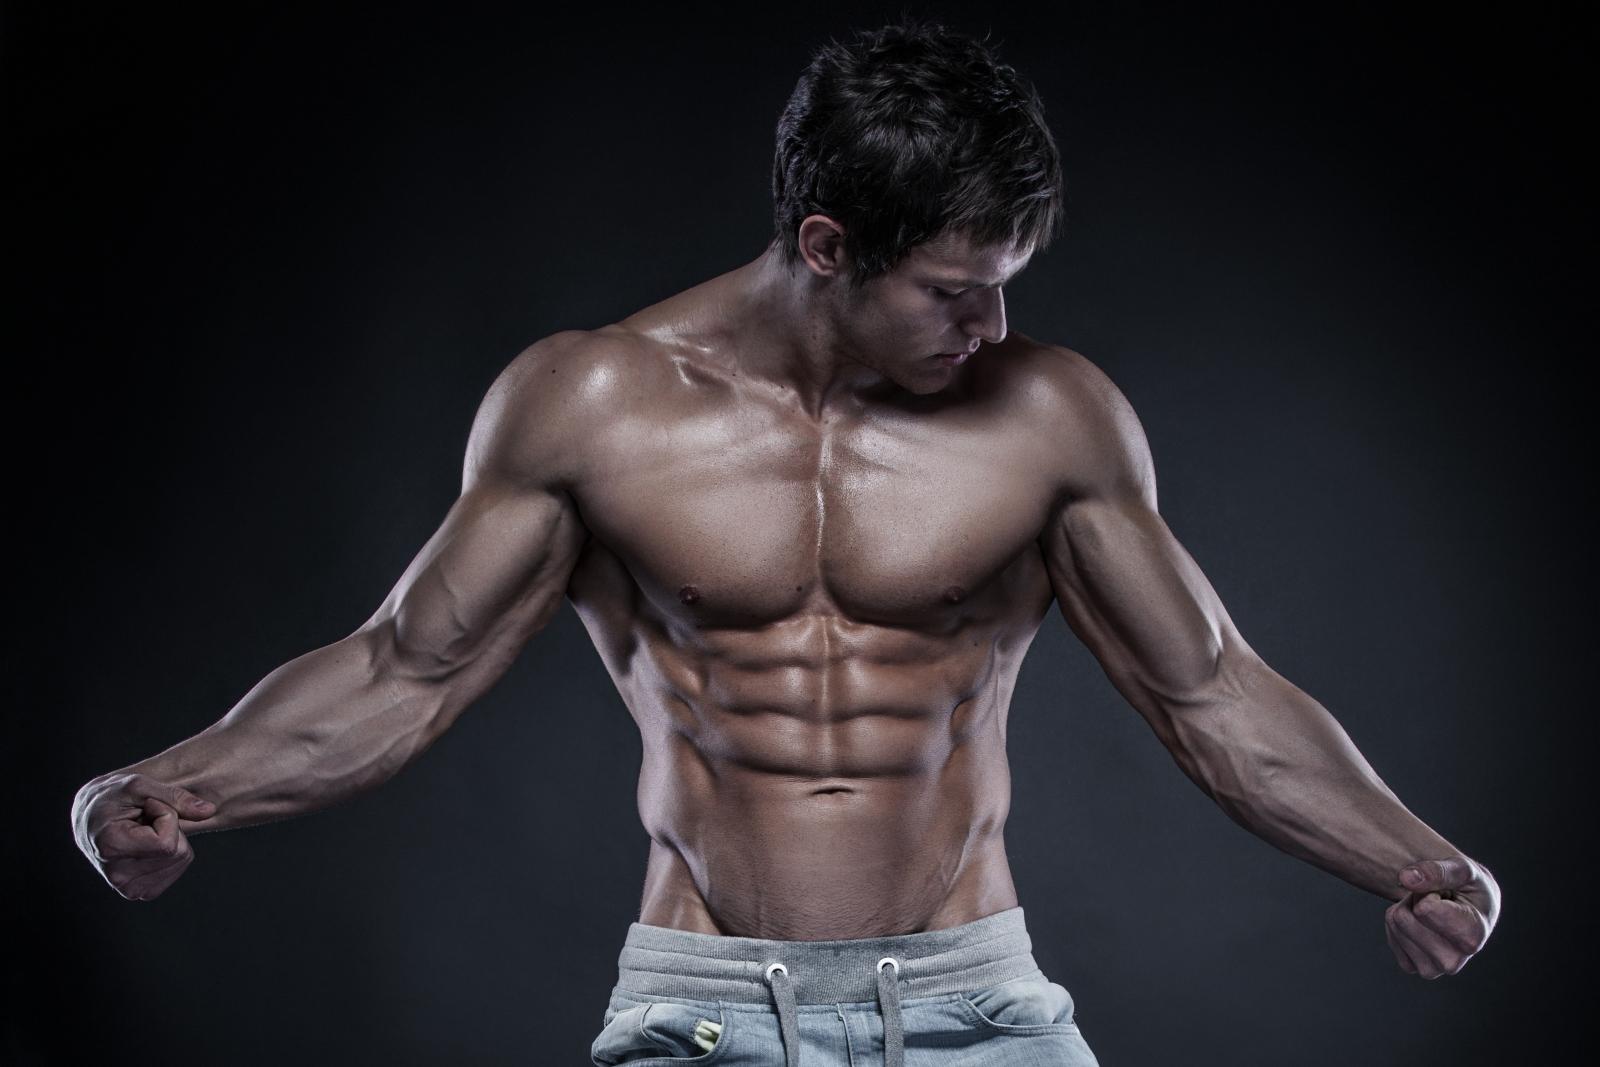 چگونه حجم عضلات را در کمتر از 4 هفته افزایش دهیم؟